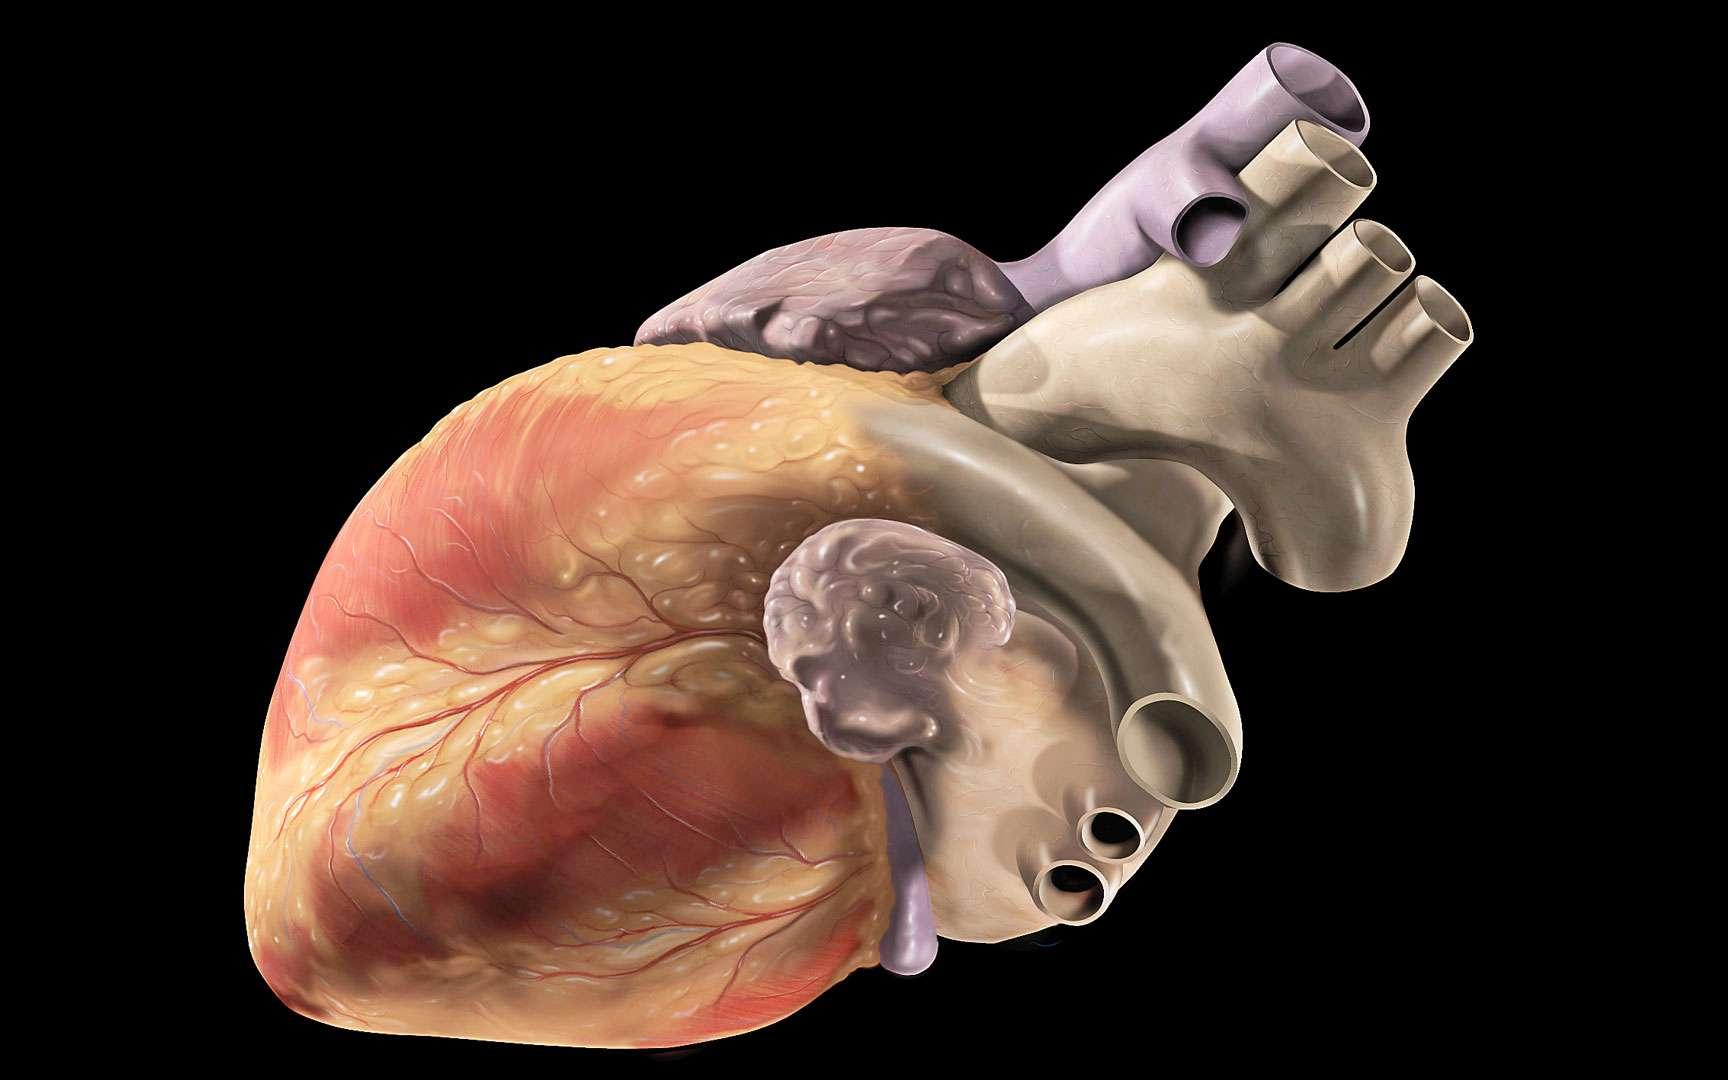 Sur cette illustration, le cœur est présenté sans sa tunique, le péricarde, une sorte de sac qui enveloppe le cœur. De forme conique, sa pointe, ou apex, dirigée vers le bas, se trouve au niveau du ventricule gauche. En haut à droite, observez la crosse de l'aorte (en gris), d'où partent trois grosses artères : l'artère subclavière gauche, l'artère carotide commune gauche et le tronc brachio-céphalique.© Patrick J. Lynch, CC by-sa 2.5